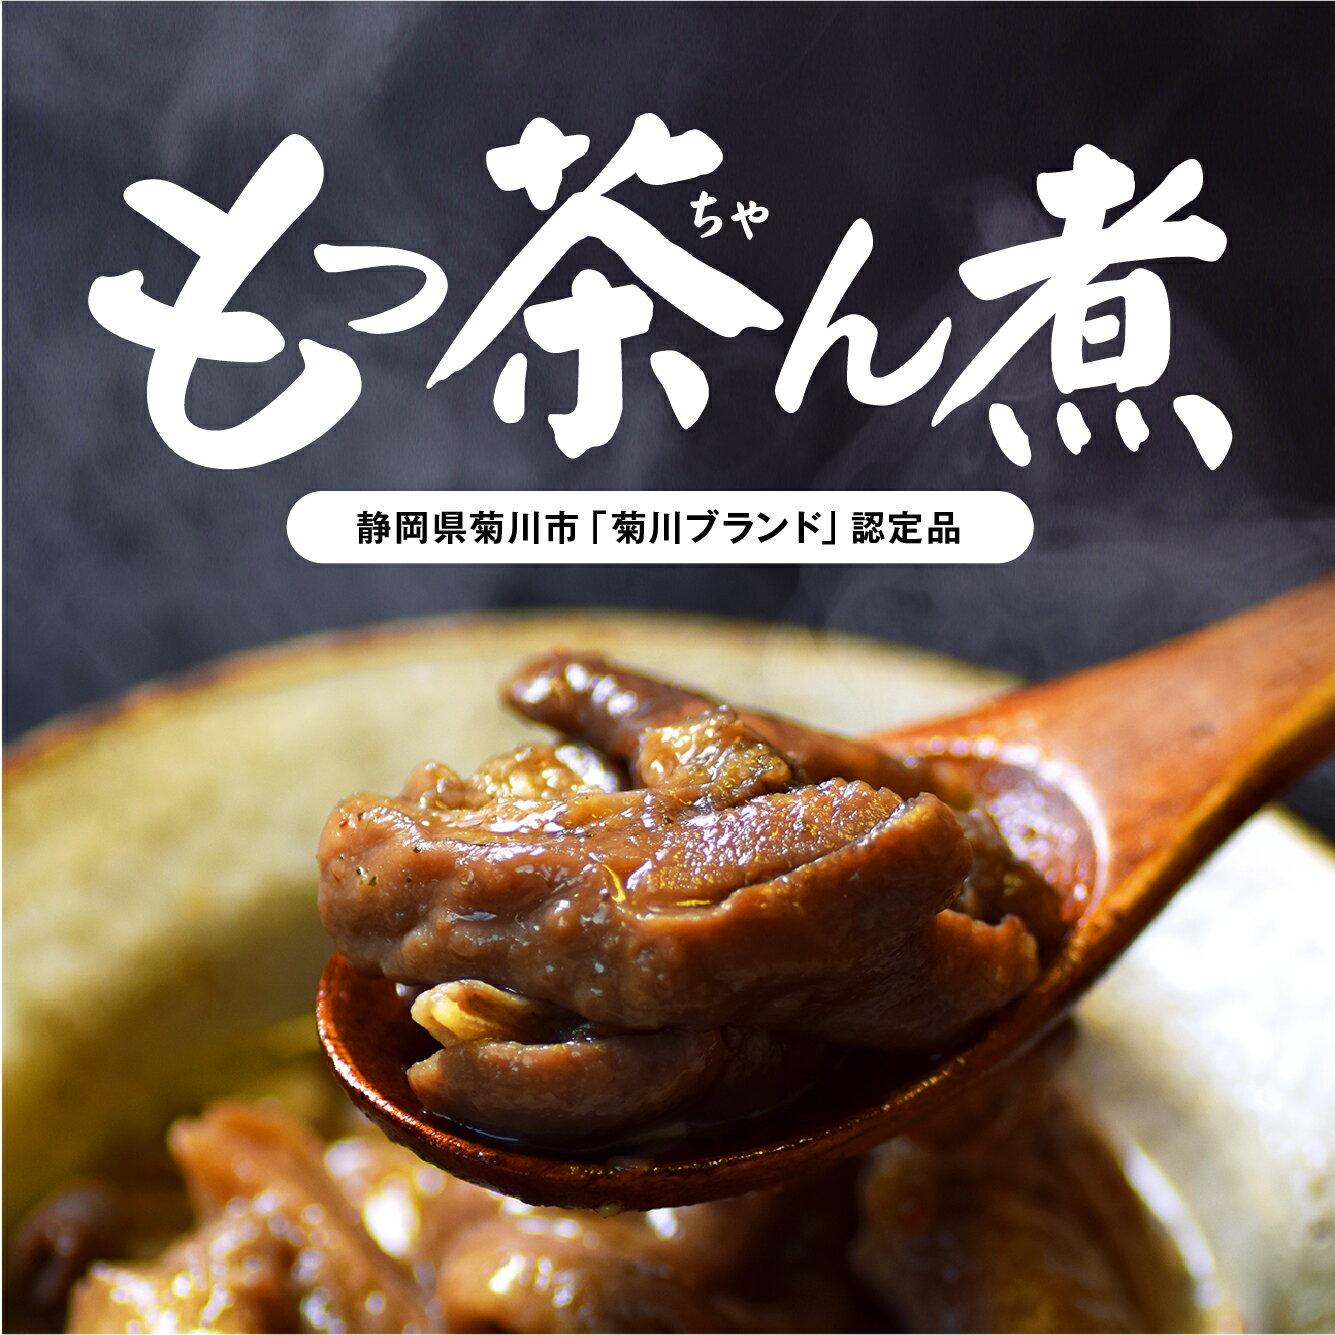 もっ茶ん煮 もつ煮 1袋 180g 国産 豚肉 【モツ煮】【モツ】